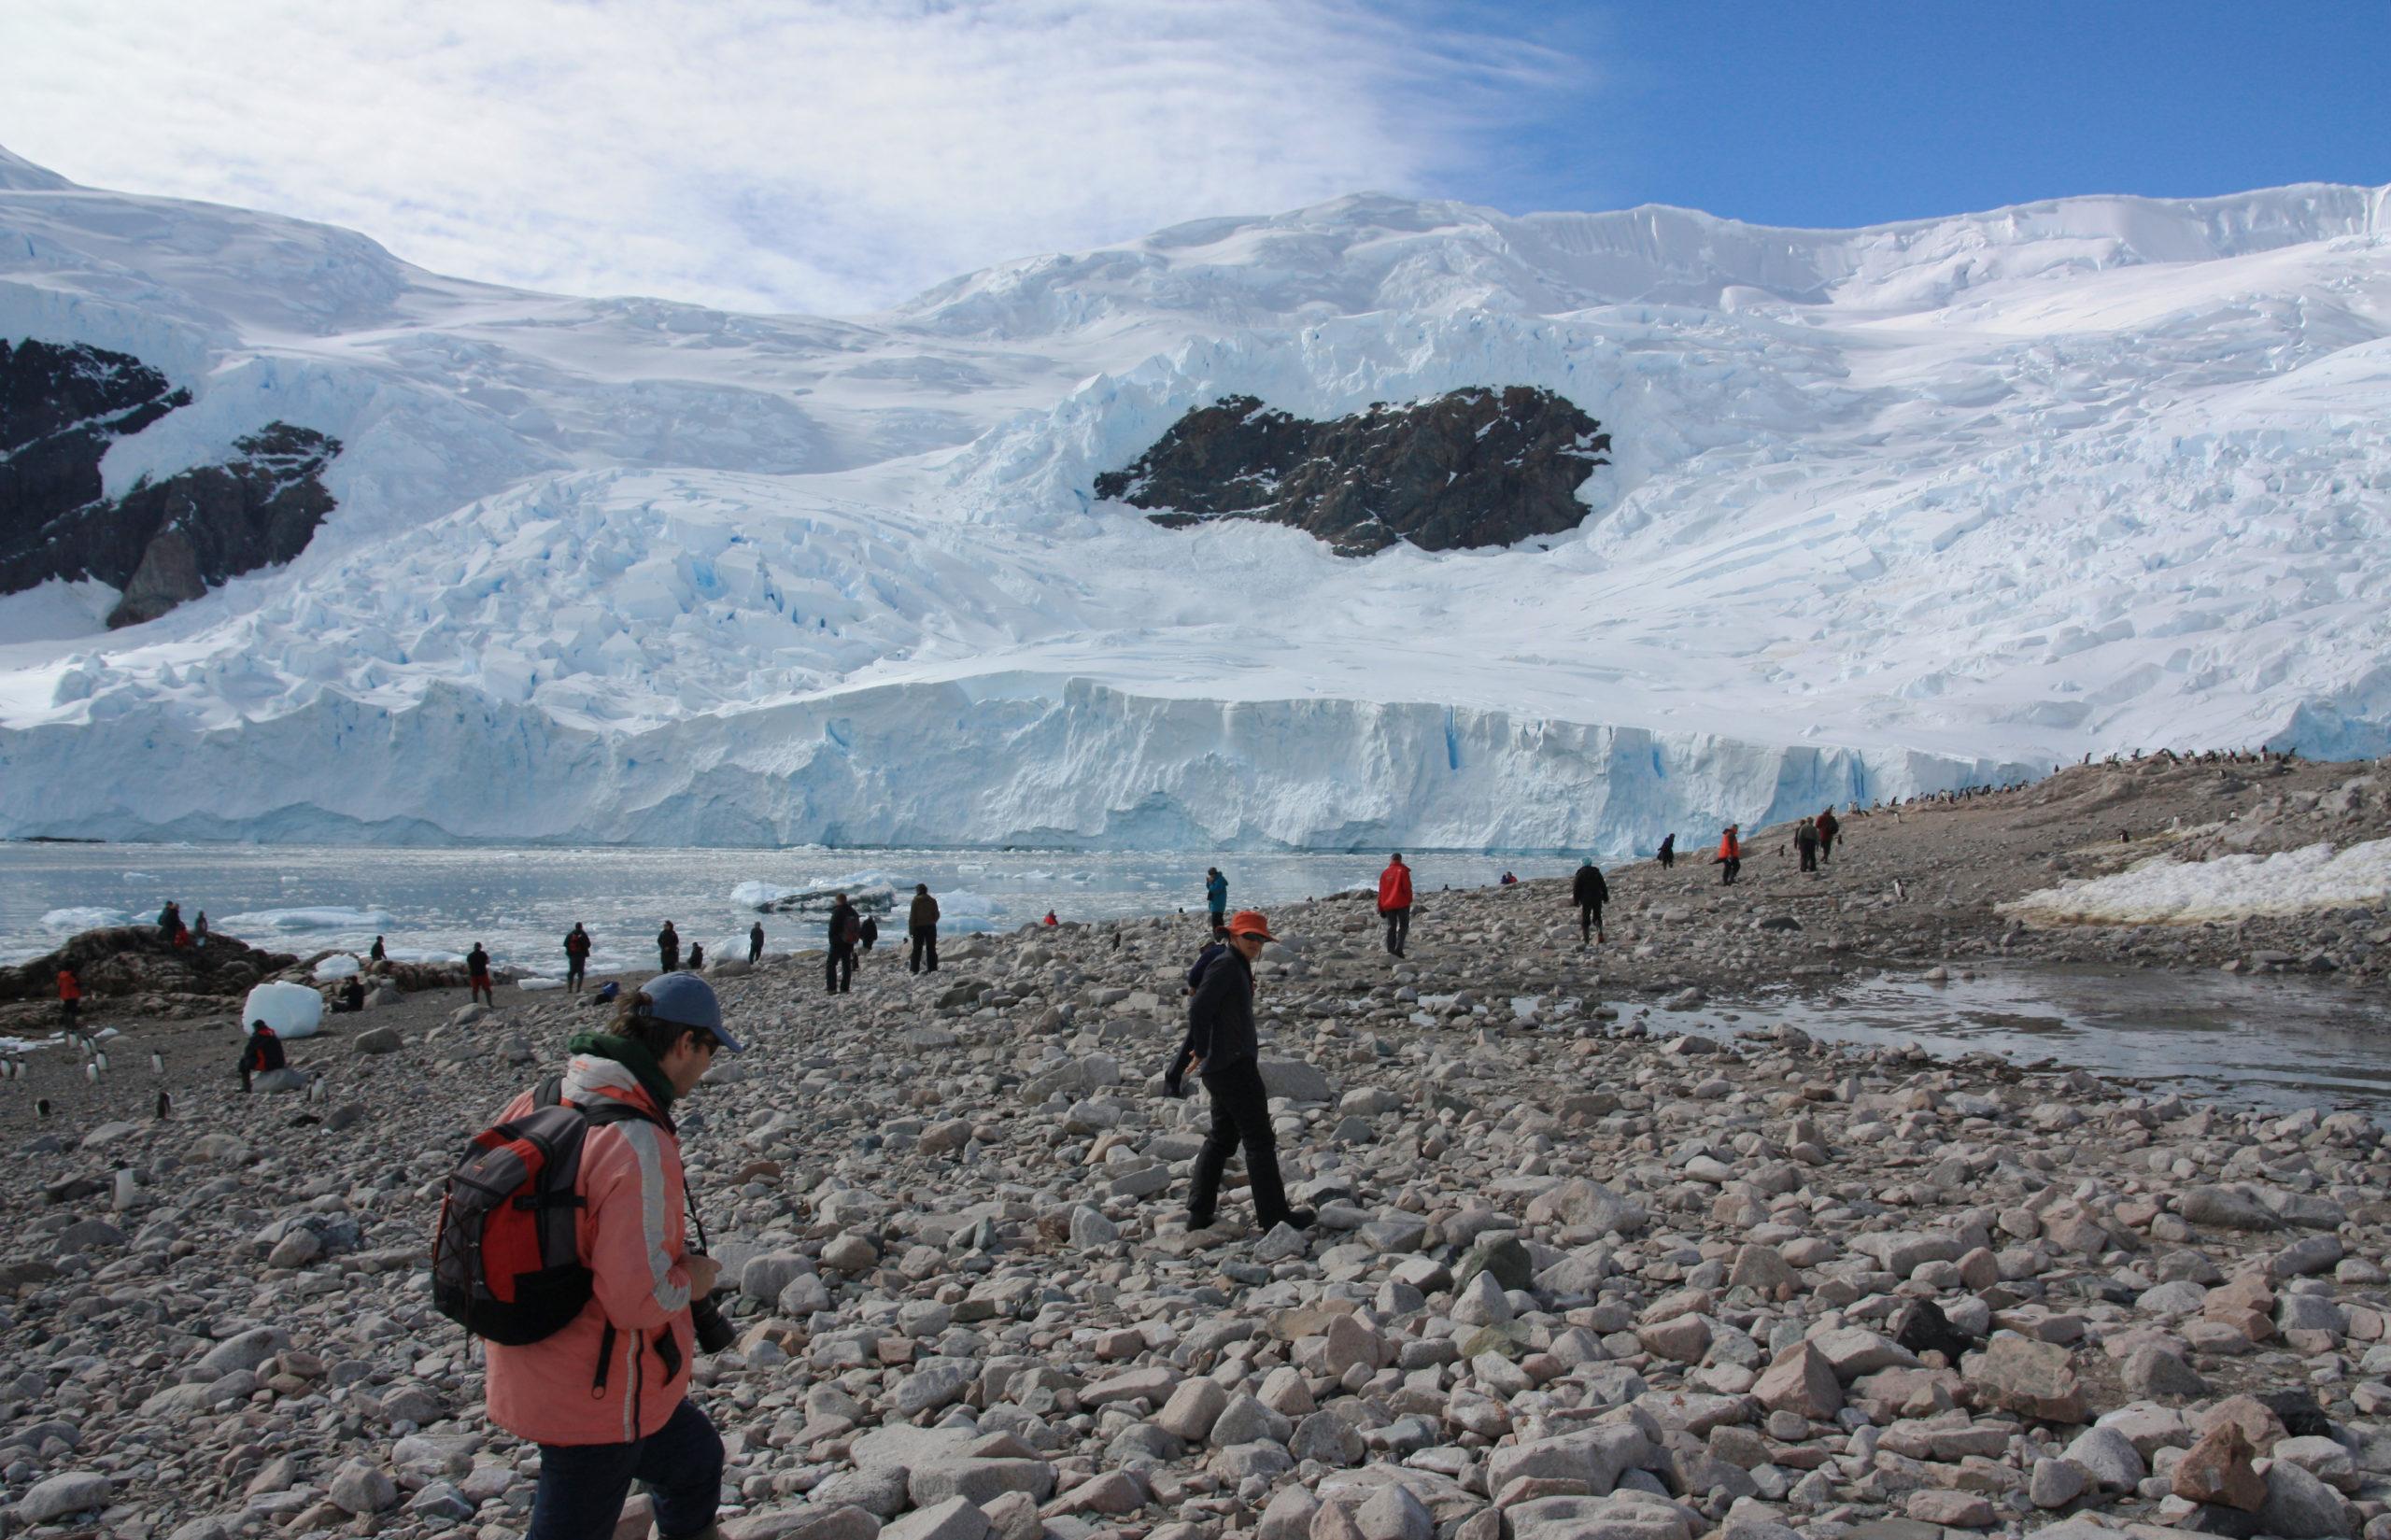 La crisi ambientale sta facendo aumentare il turismo in Antartide